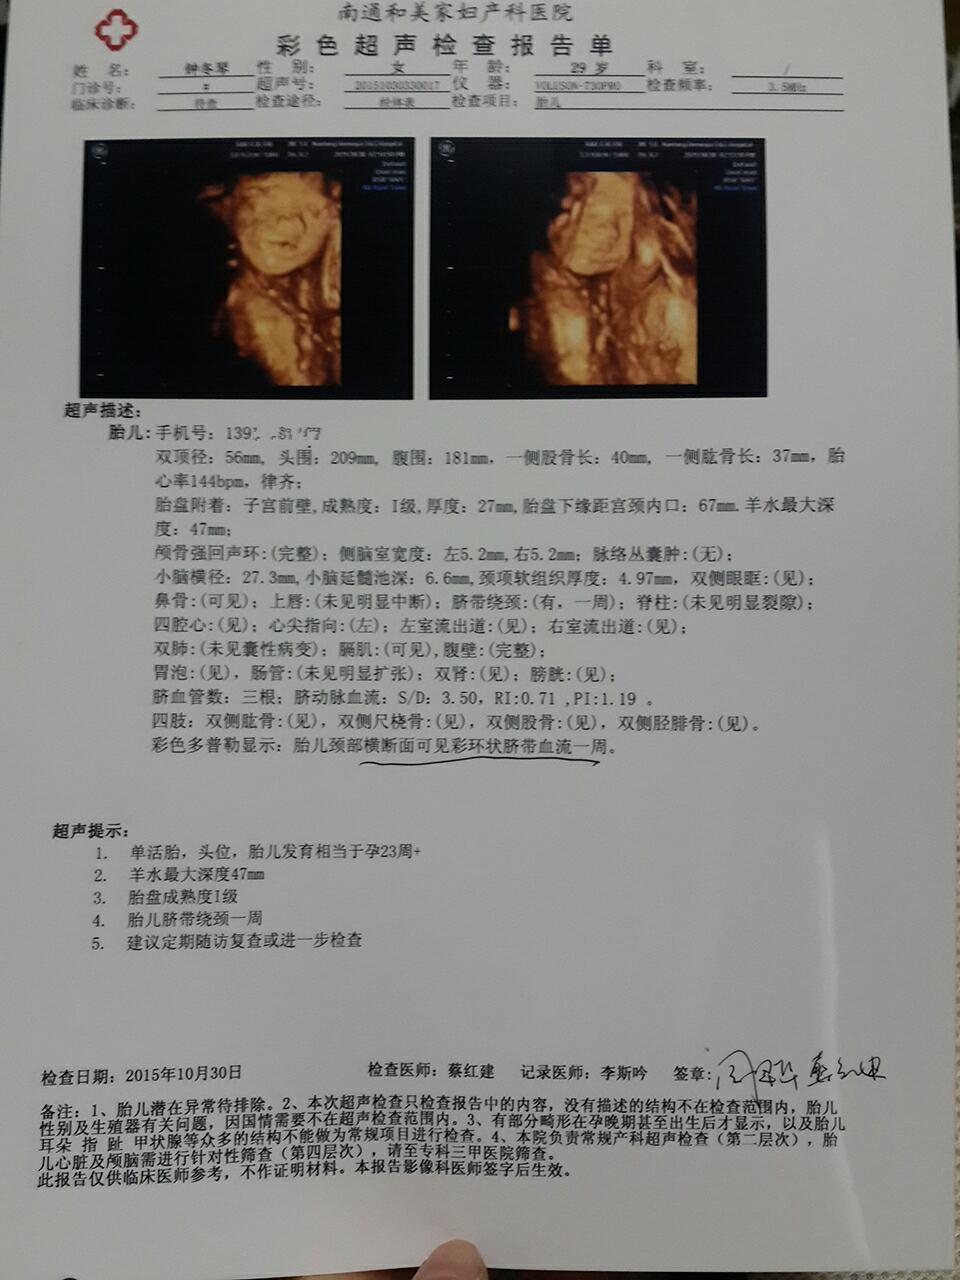 孕期是23周四维彩超显示孕期23周后图片